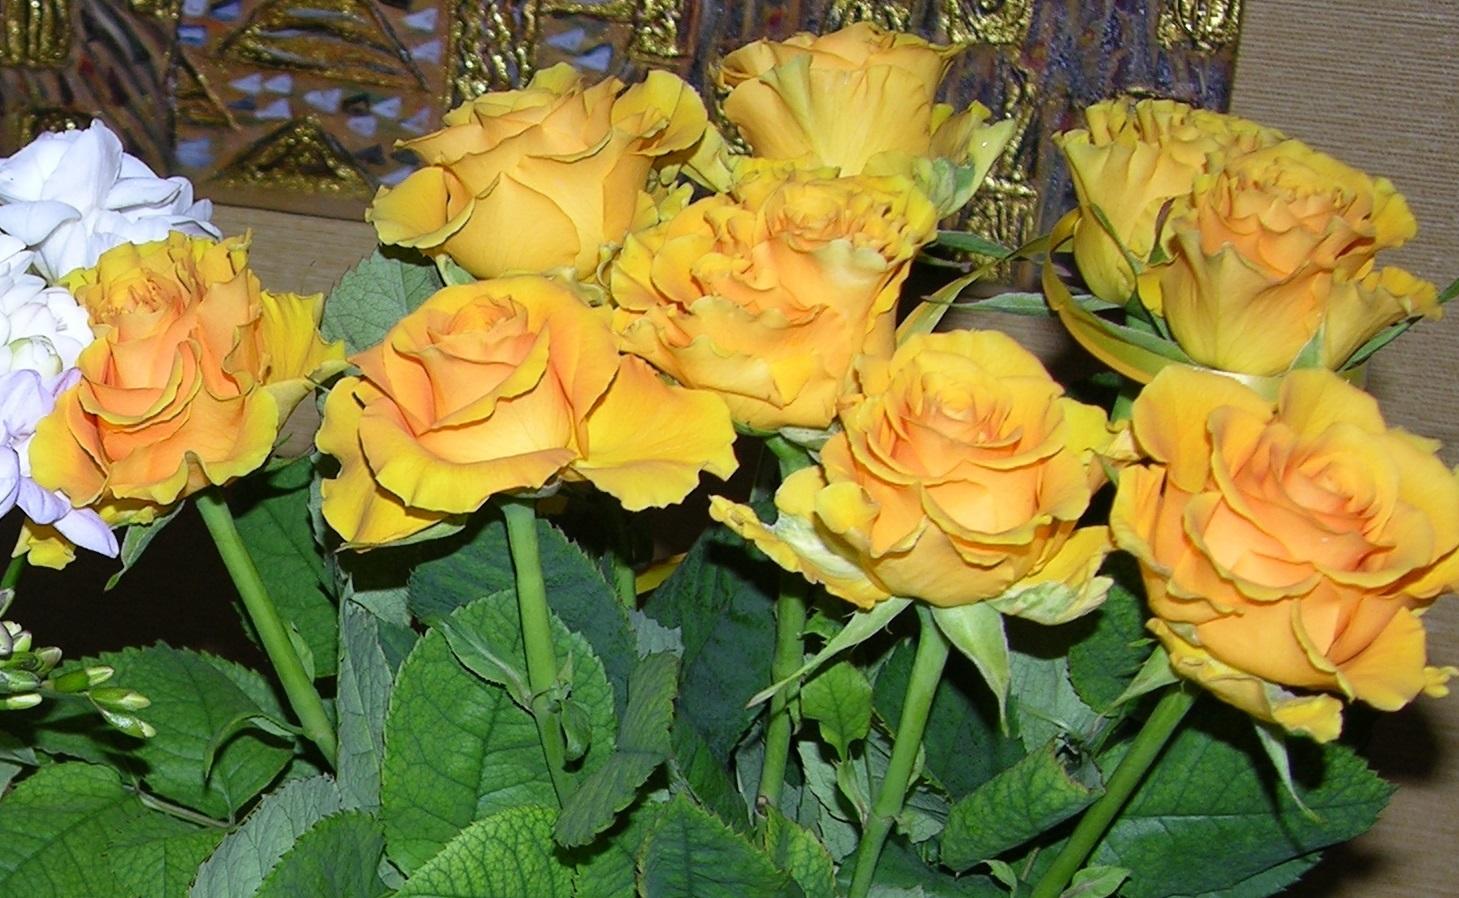 8 września w Dzień Żony składamy żonom najserdeczniejsze życzenia